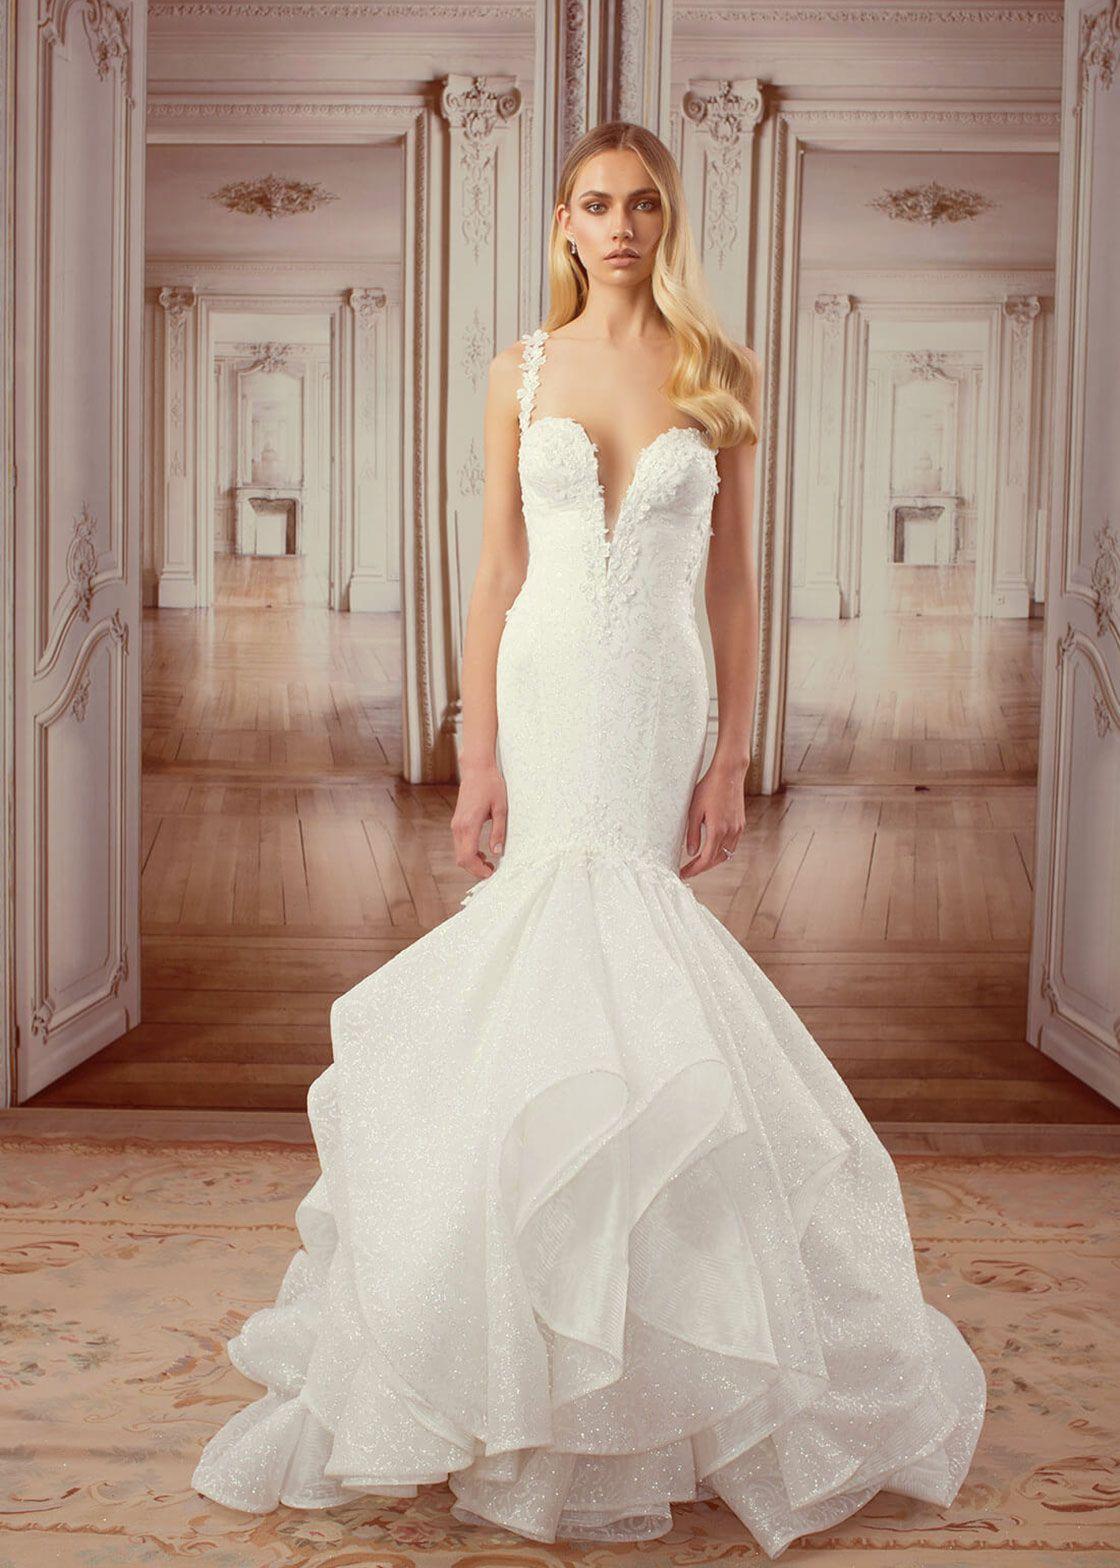 Niedlich Pnina Hochzeitskleid Galerie - Brautkleider Ideen ...